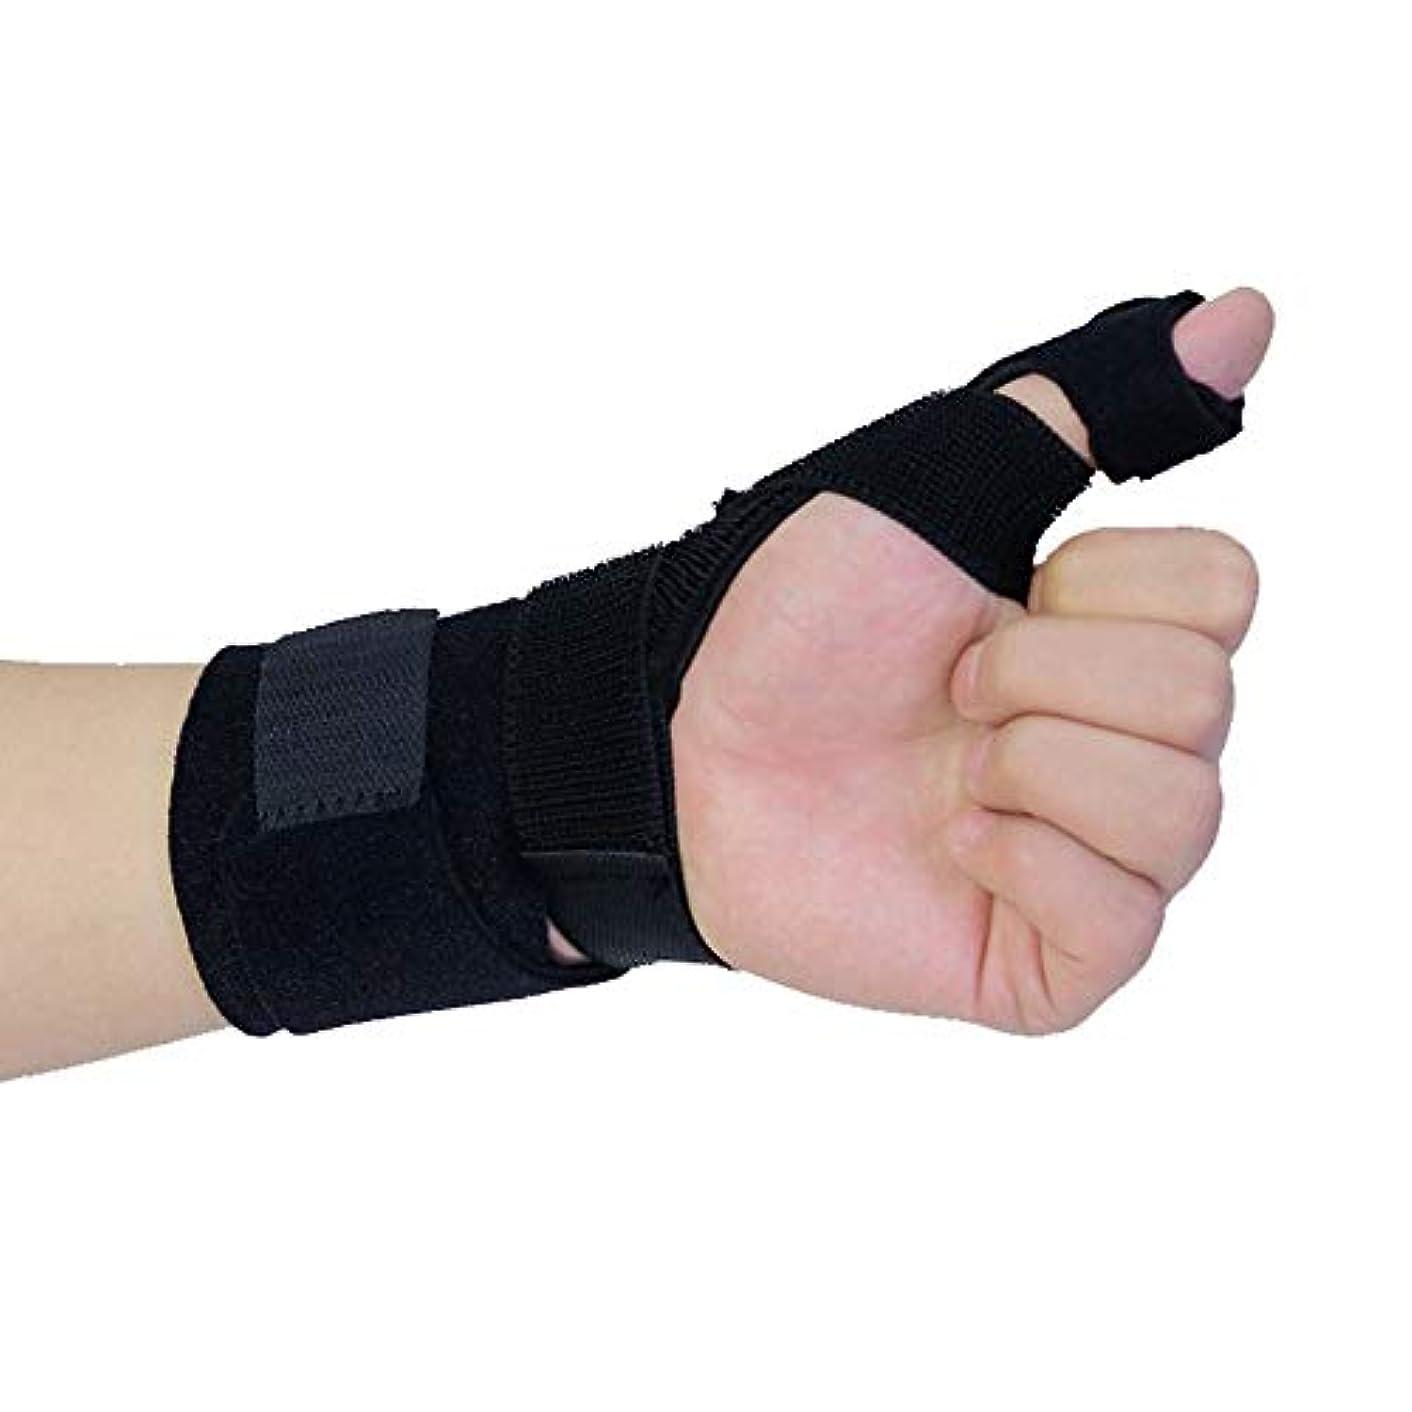 親指ブレース、関節炎、腱炎、手根管の痛みの軽減、軽量で 調節可能なサイズに適した調節可能なプロテクター